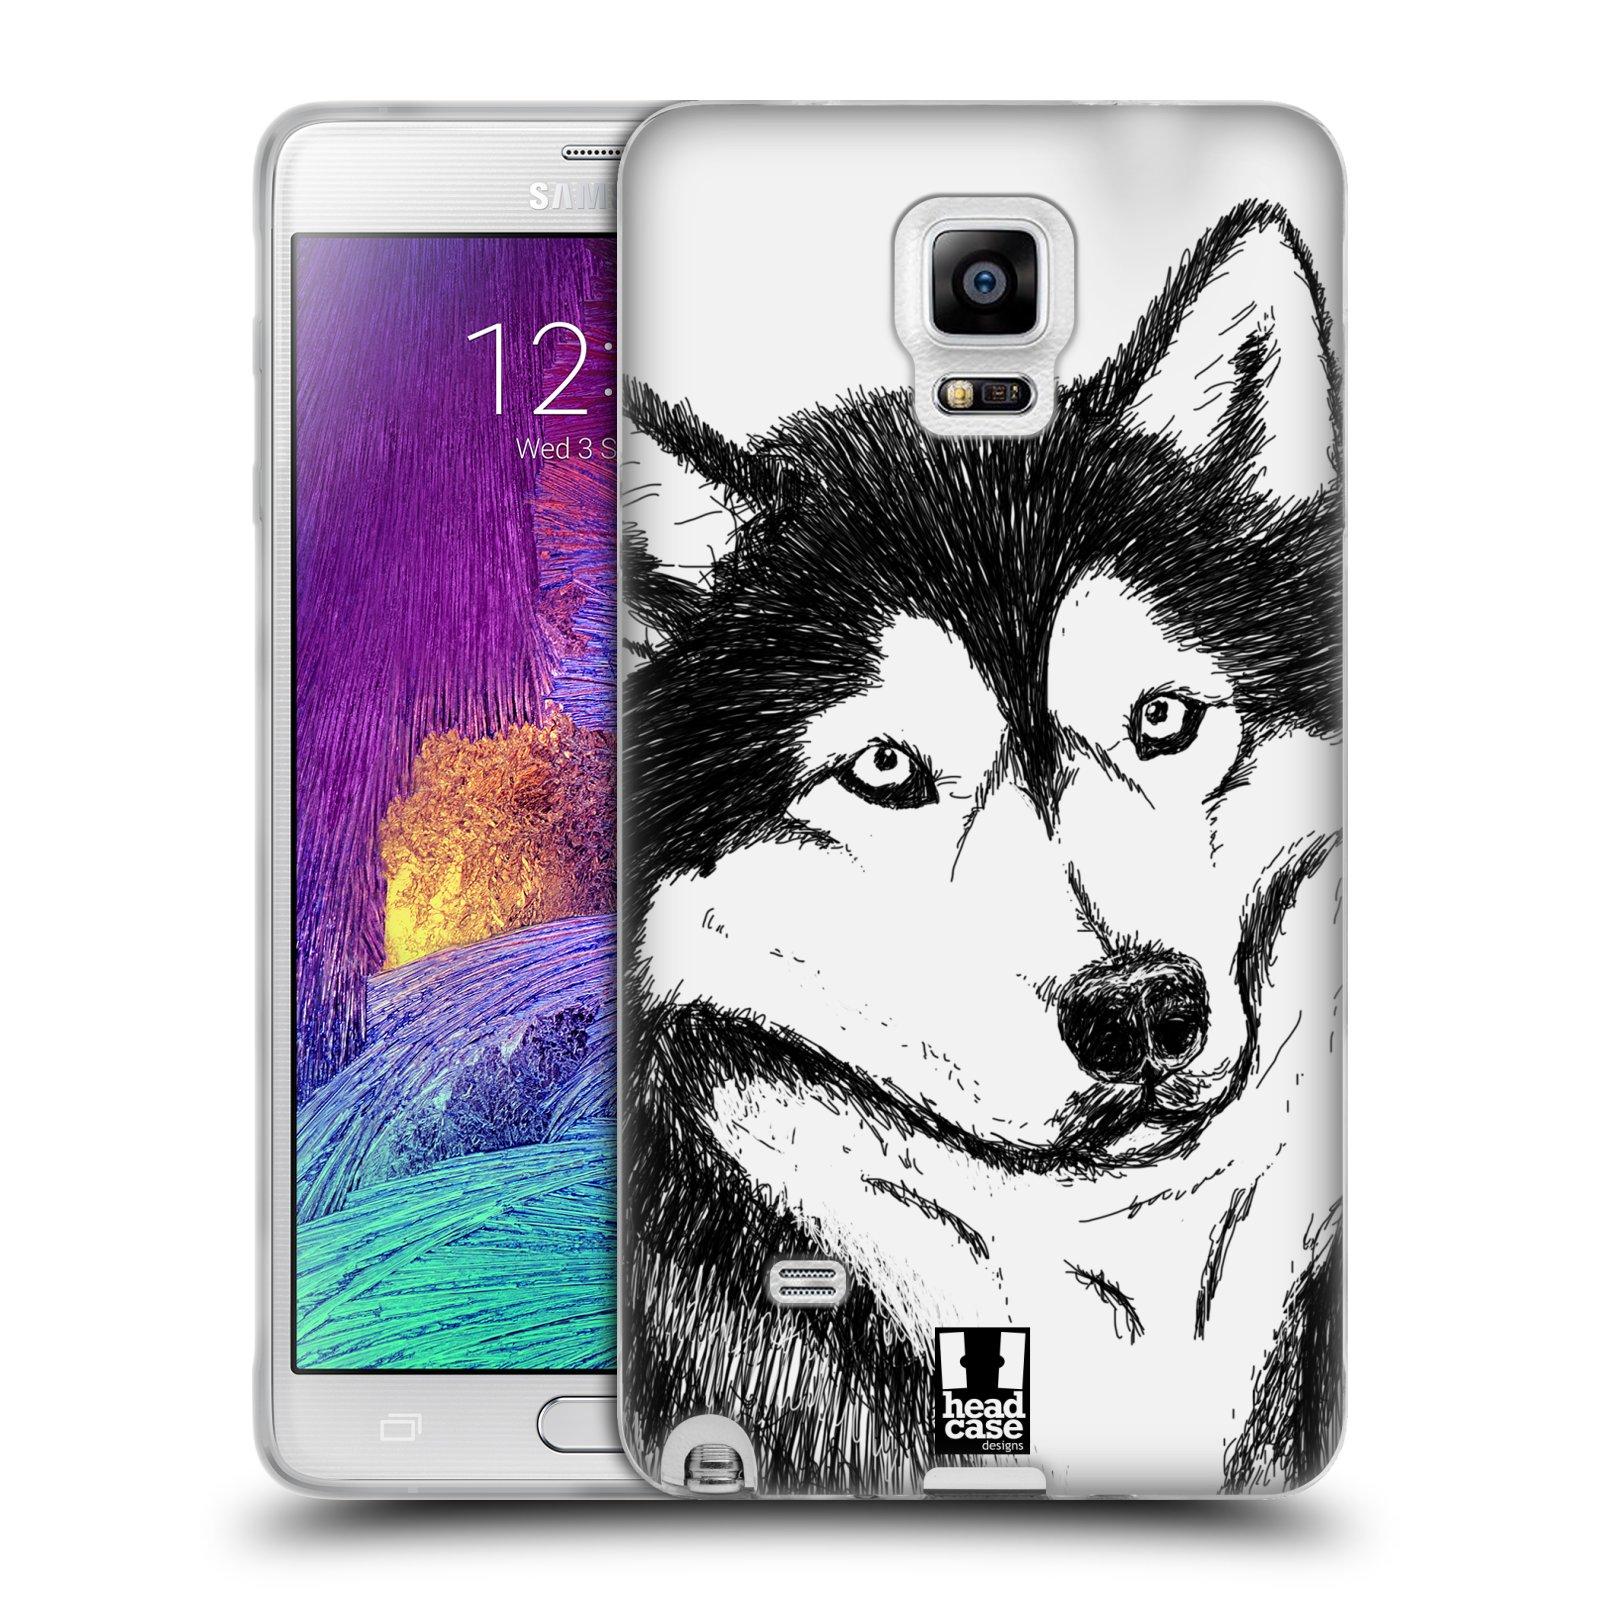 HEAD CASE silikonový obal na mobil Samsung Galaxy Note 4 (N910) vzor Kreslená zvířátka černá a bílá pes husky